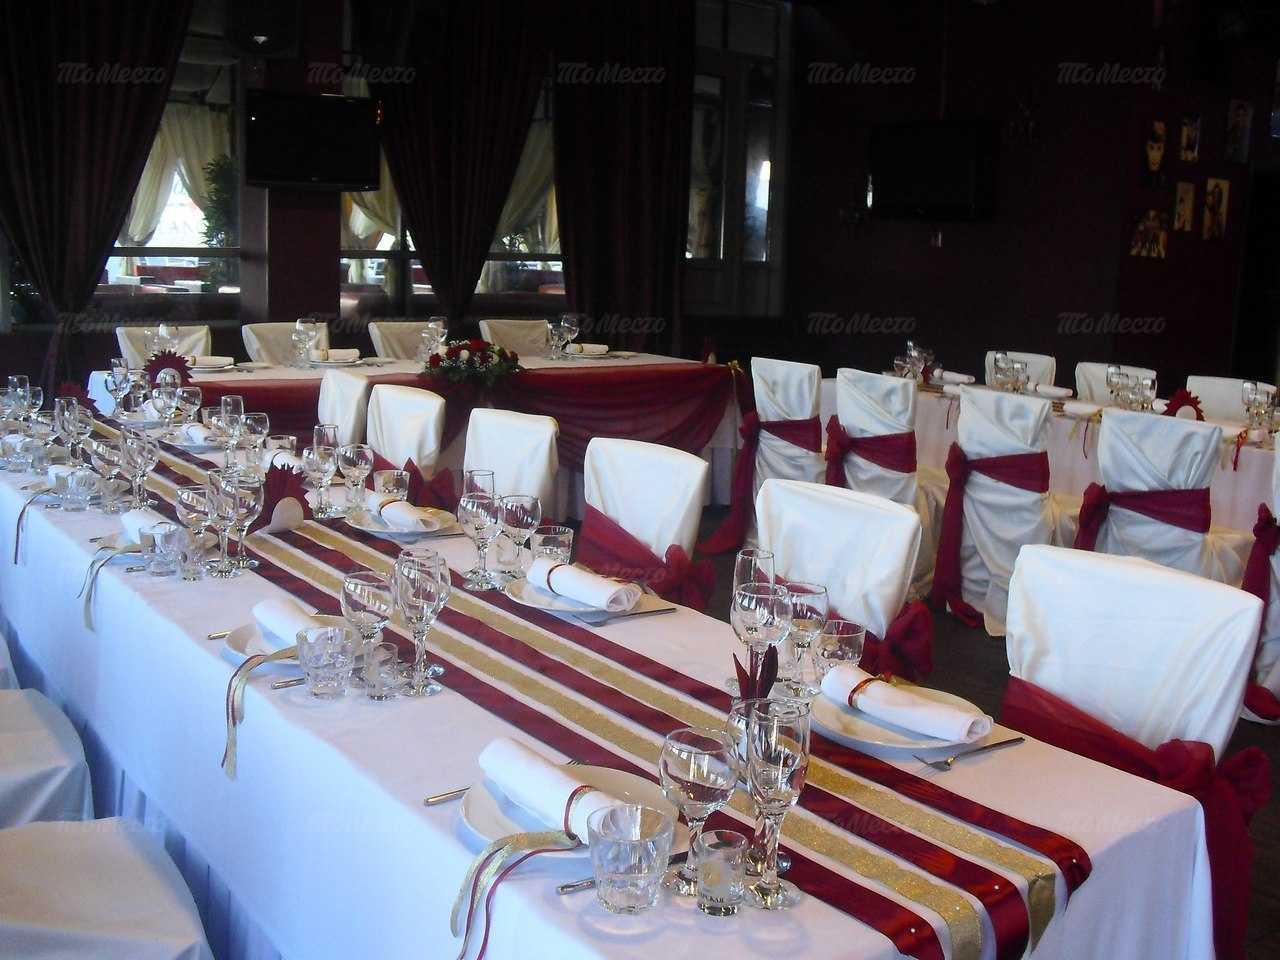 Меню караоке клуба, ресторана Амарена (Amarena) на Гаккелевской улице